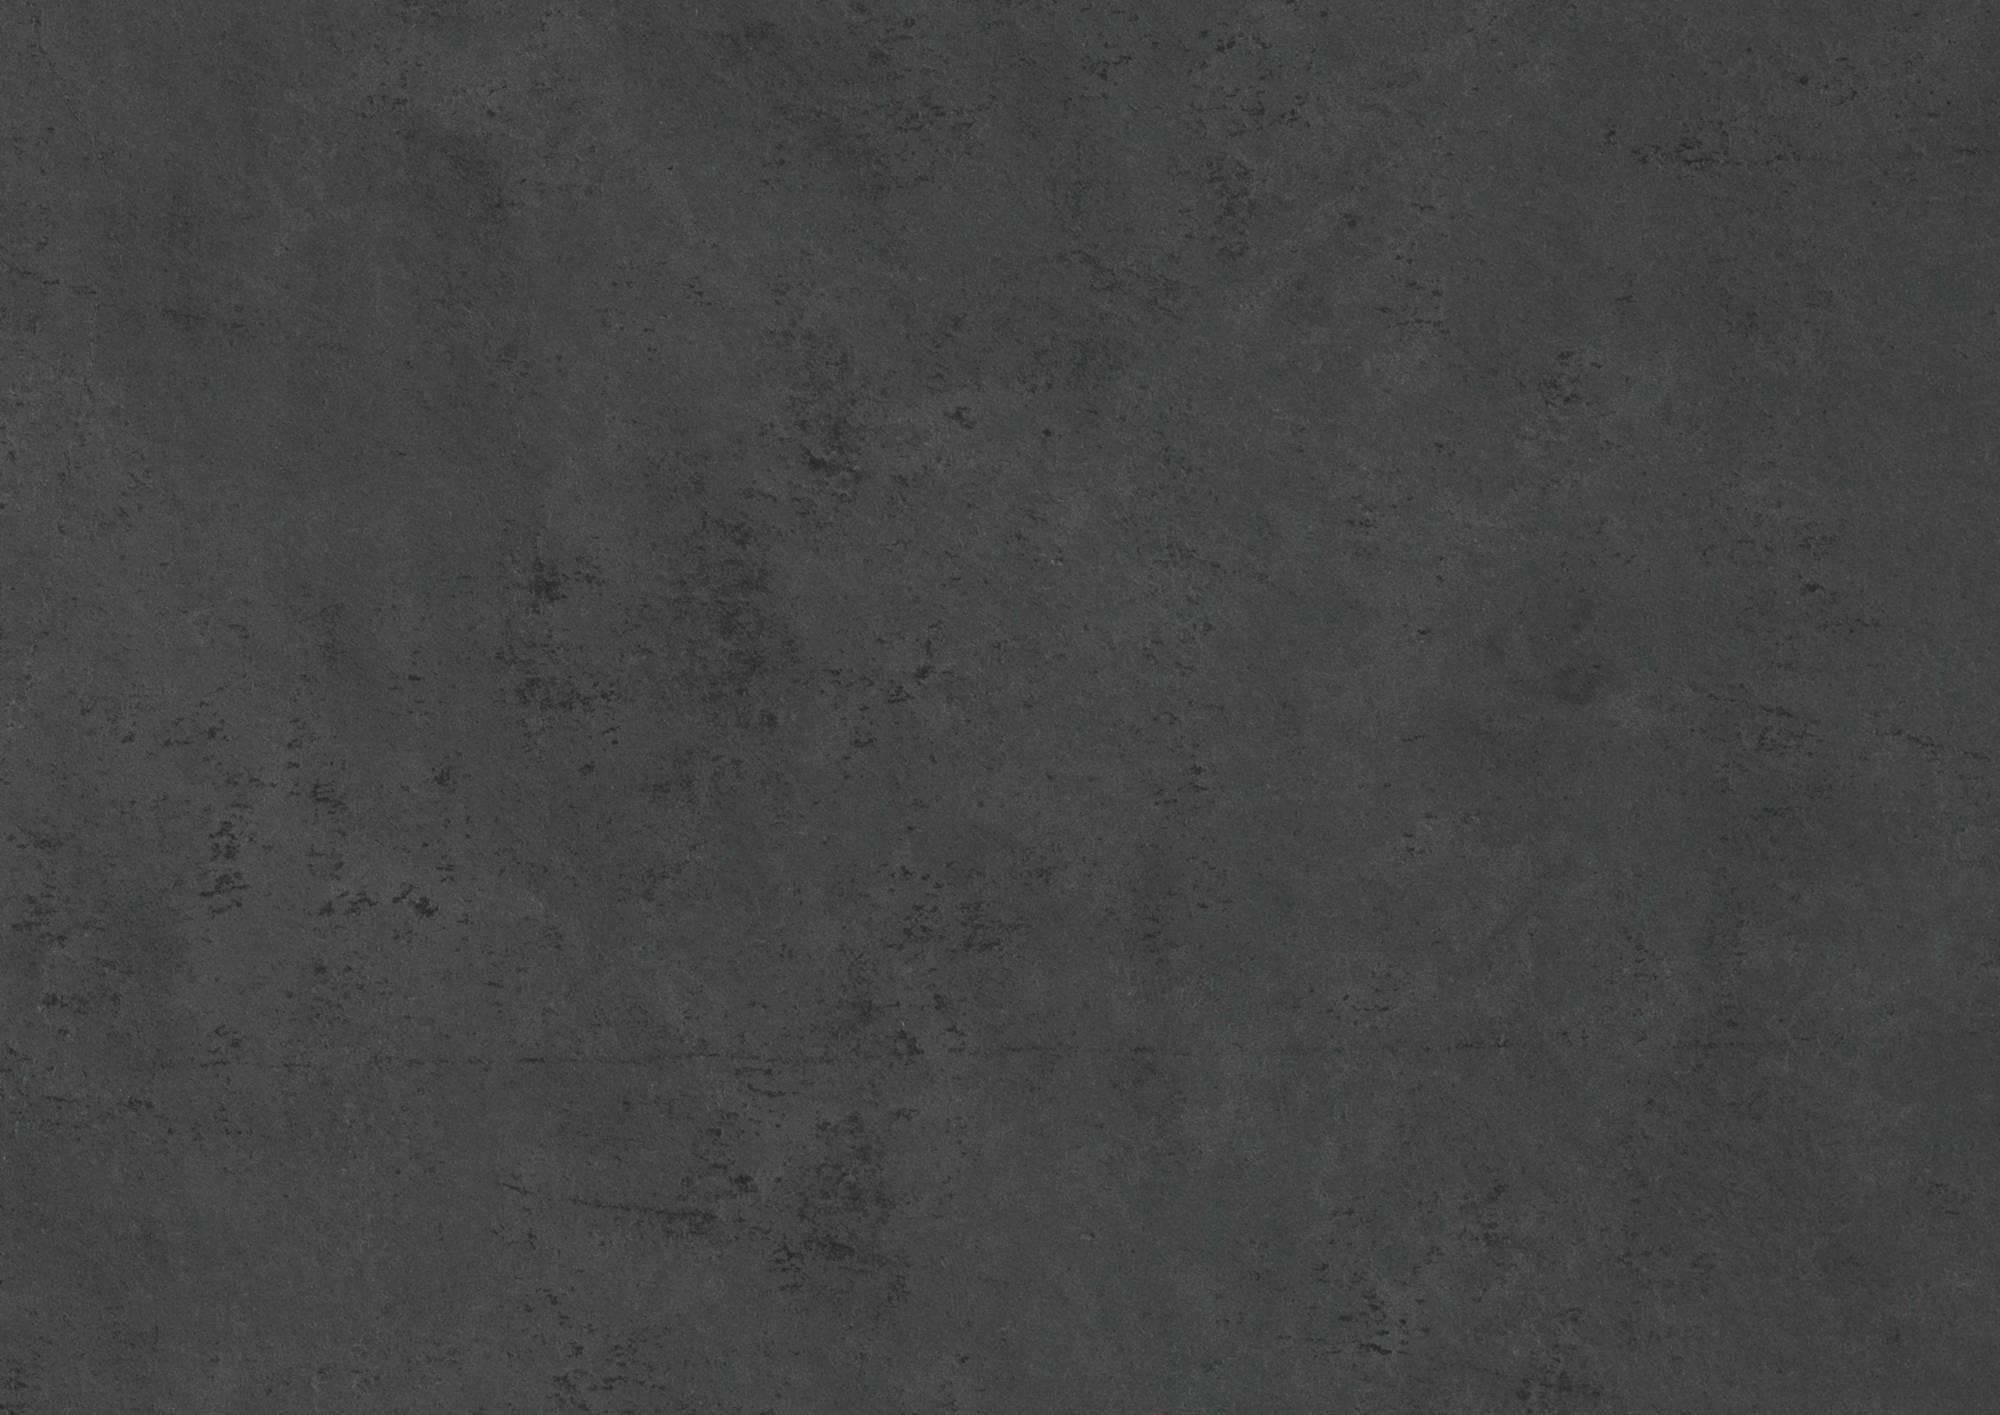 Duschprofi RenoDeco paneel Alu 150x255 cm natuursteen grafietgrijs hoogglans